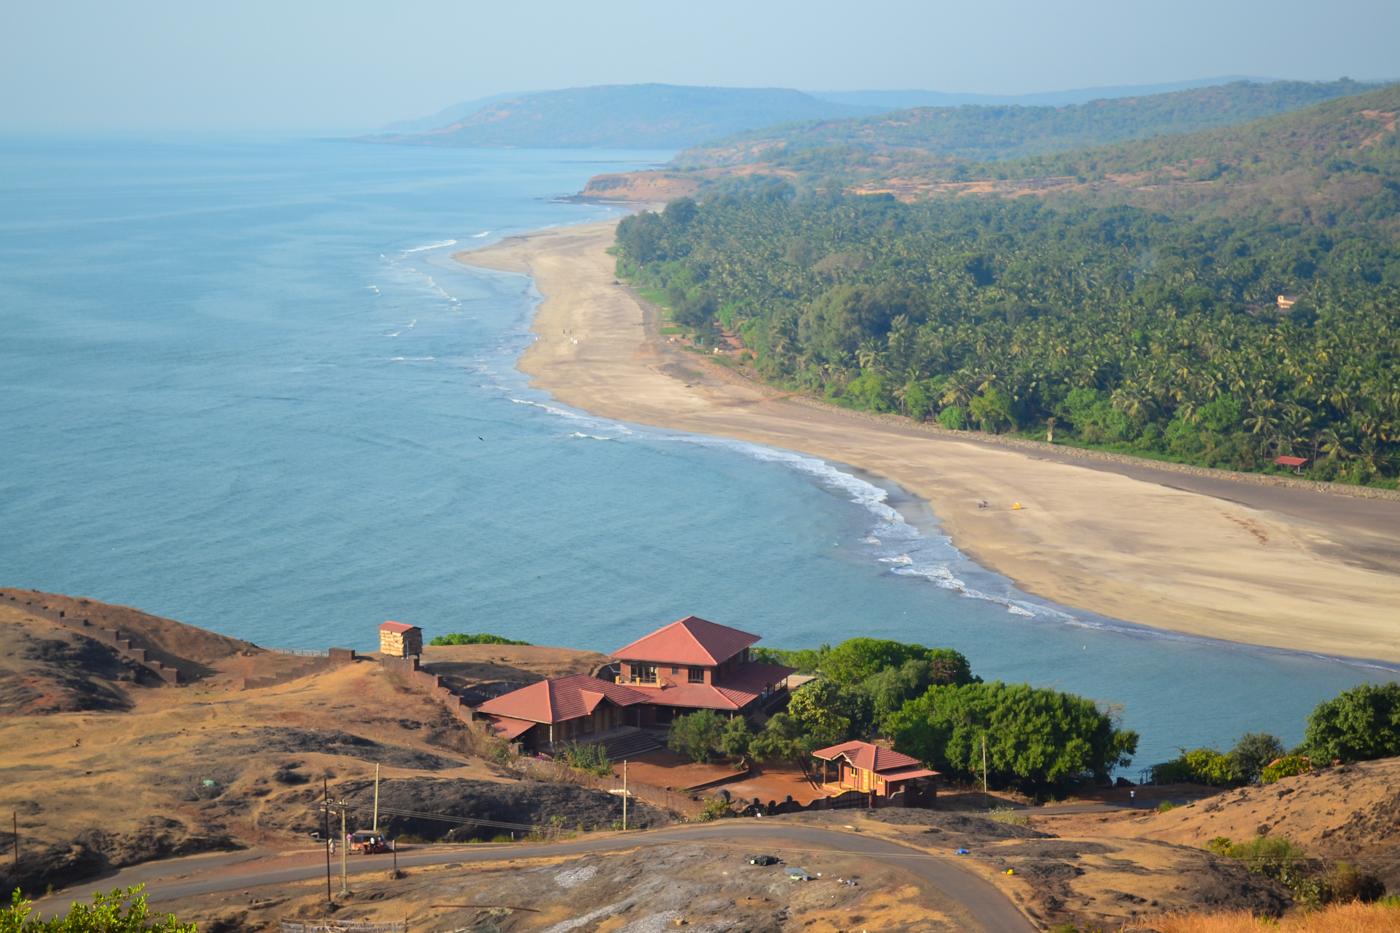 Aanjarle Top Beach To Visit in Ratnagiri